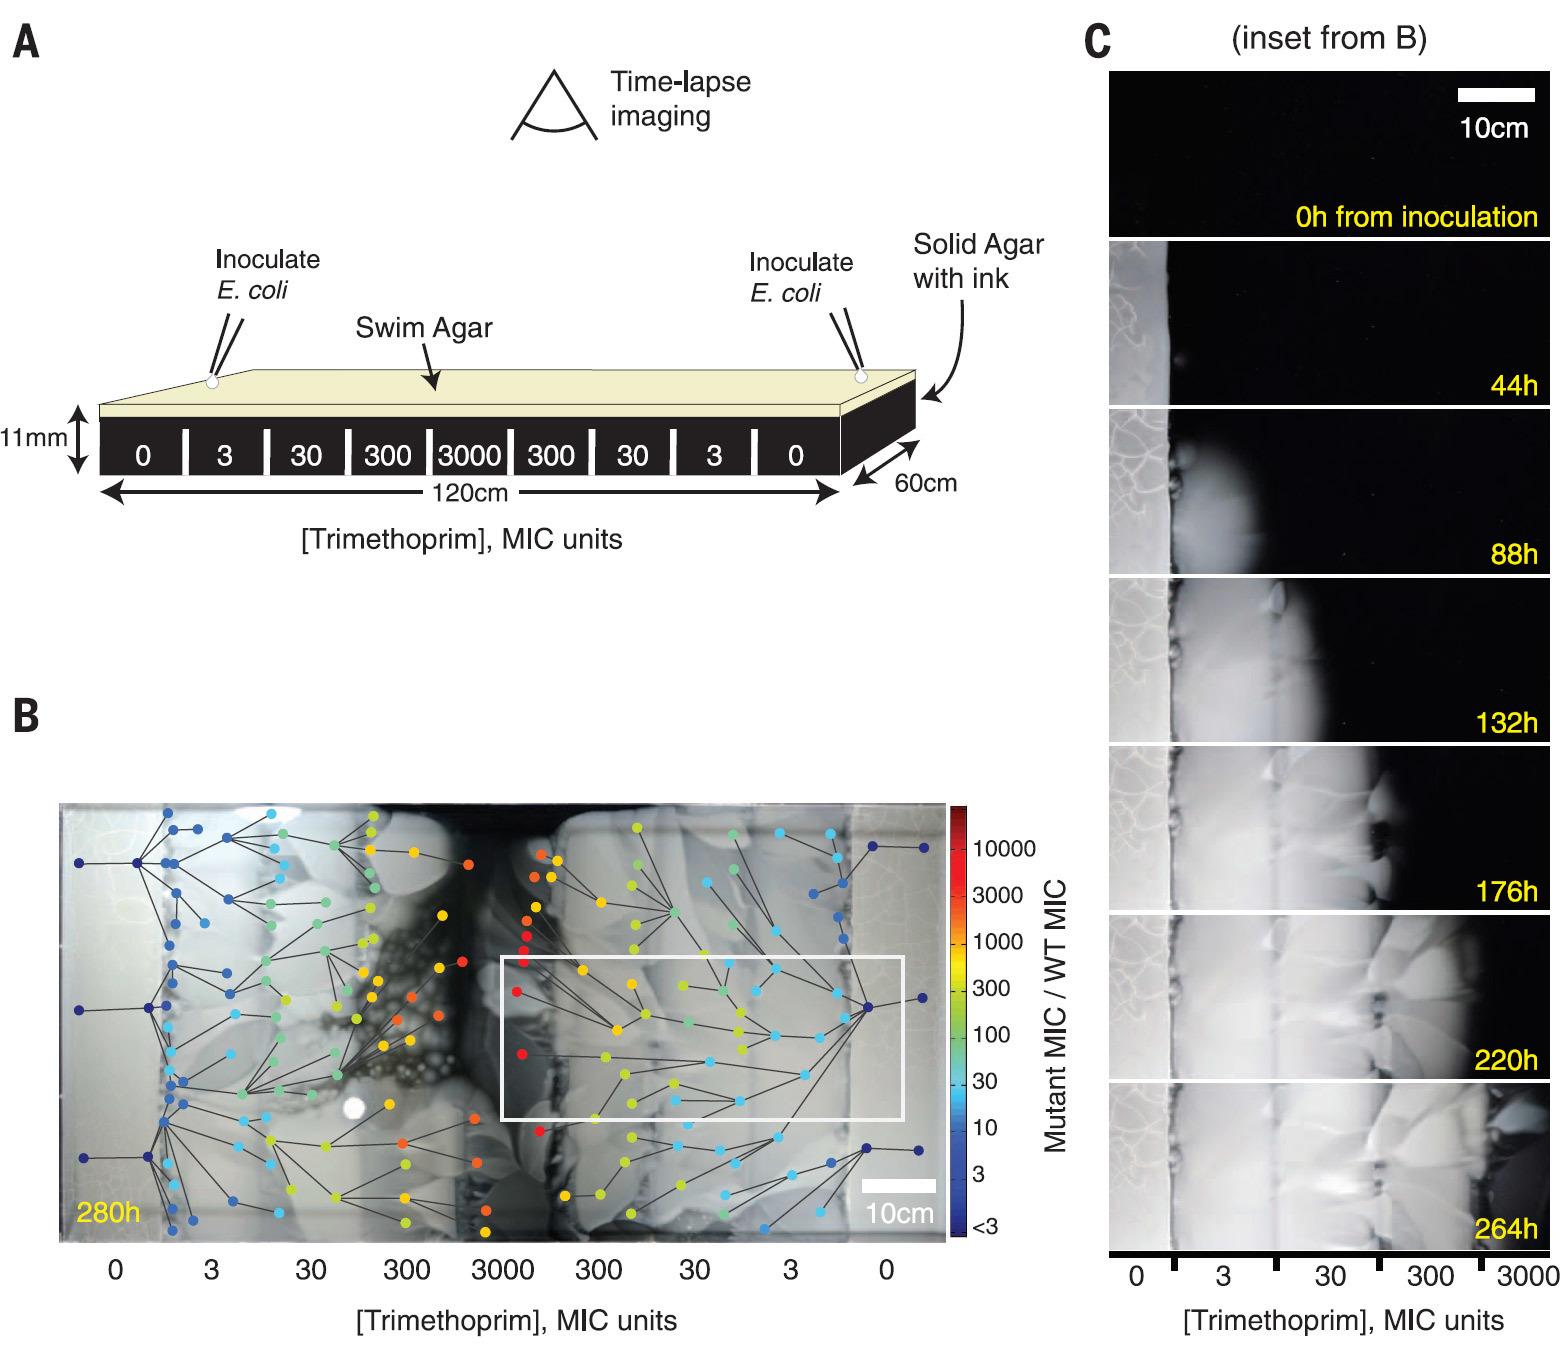 Экспансия фронта бактерий по арене с антибиотиками: зрелищный эксперимент Гарвардской медицинской школы - 3